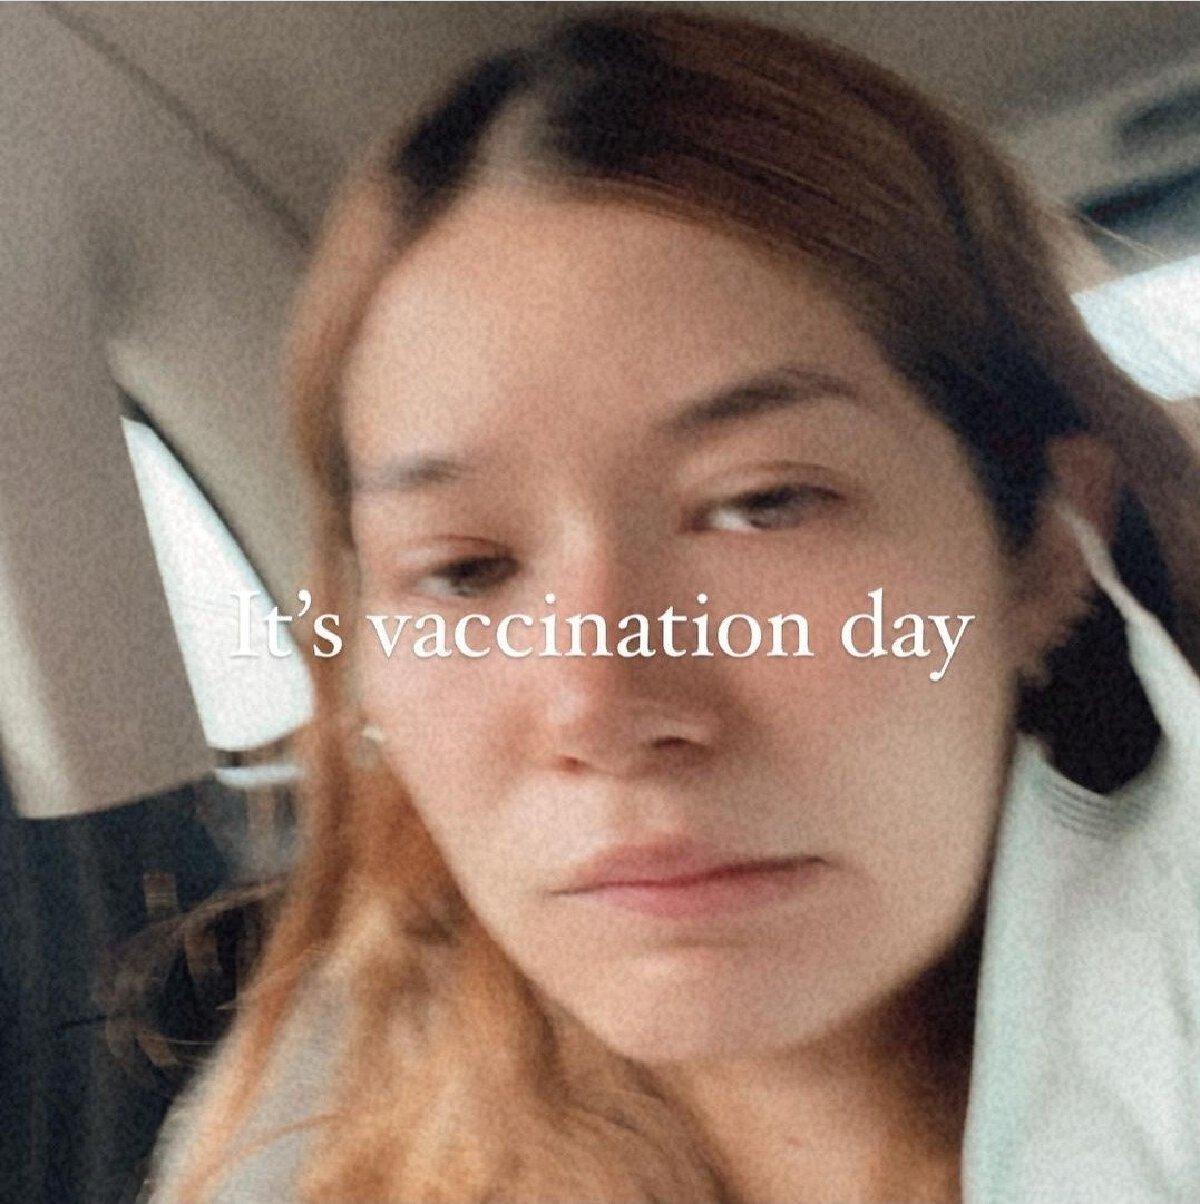 วี วิโอเลต ไข้ขึ้นสูง หลังฉีดวัคซีนแอสตร้าเซนเนก้า บอกเจ็บไปหมดทั้งตัว